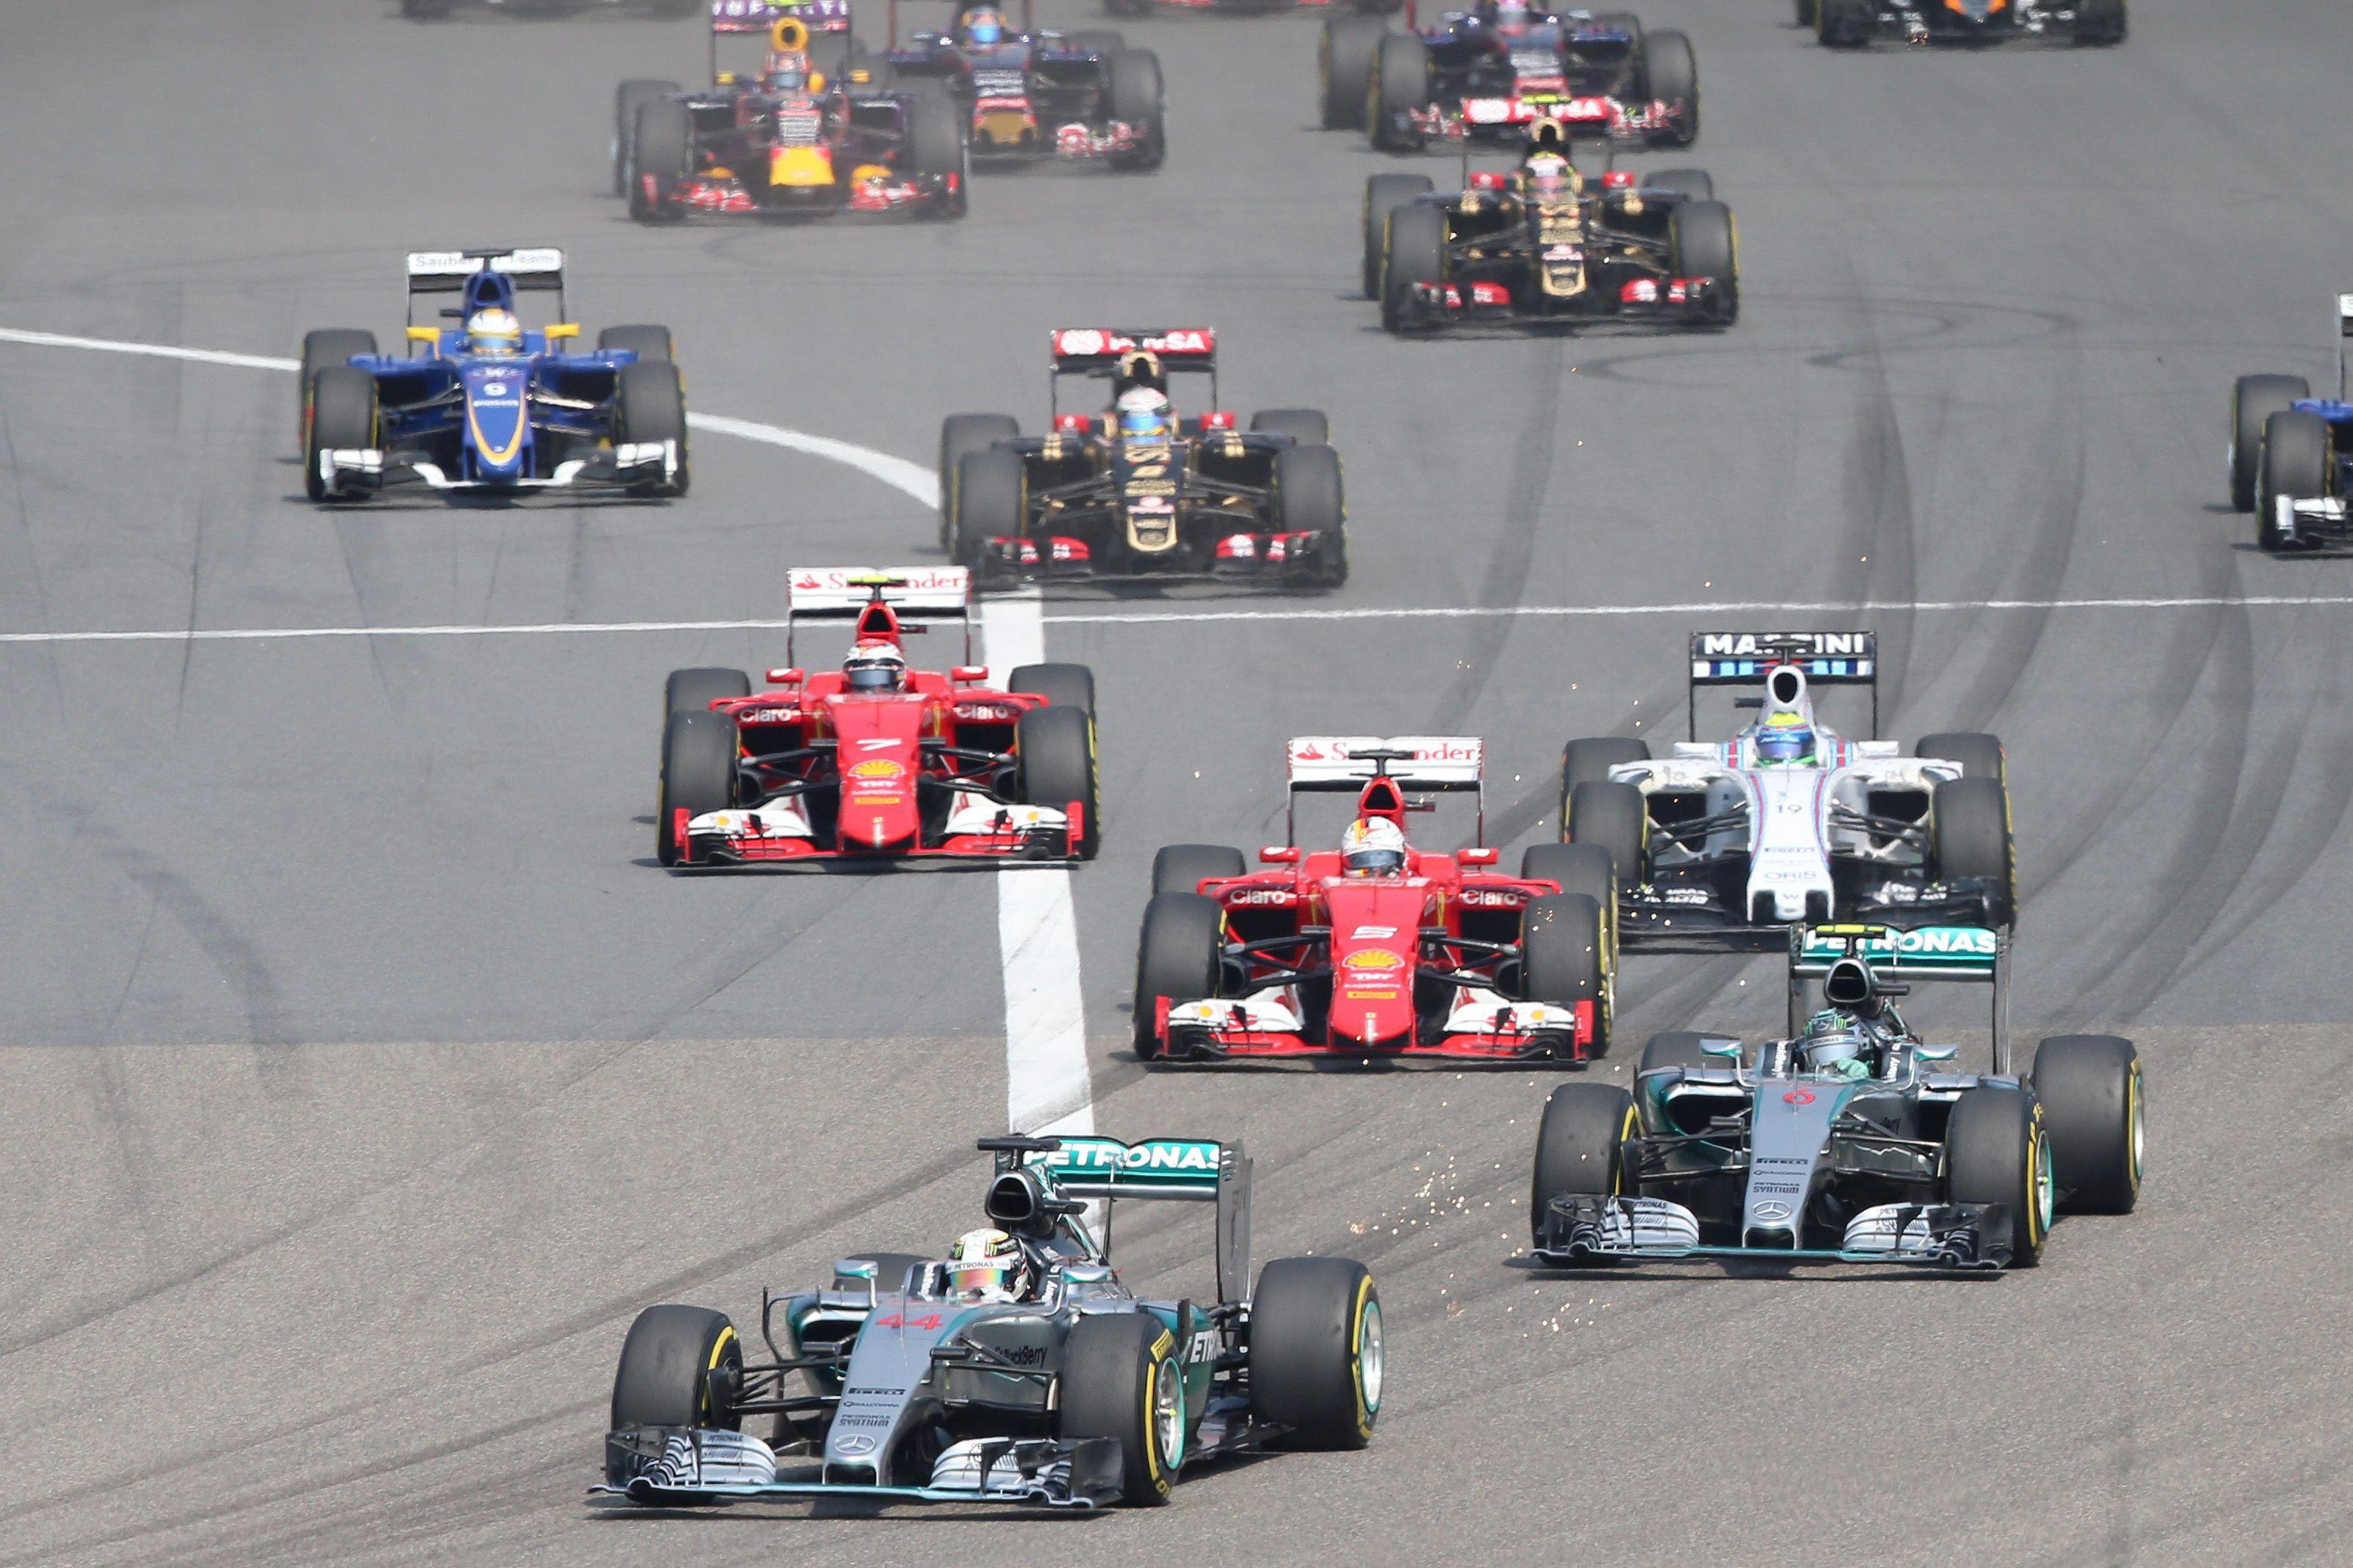 GP de China: ganó Hamilton en una carrera dominada por los Mercedes